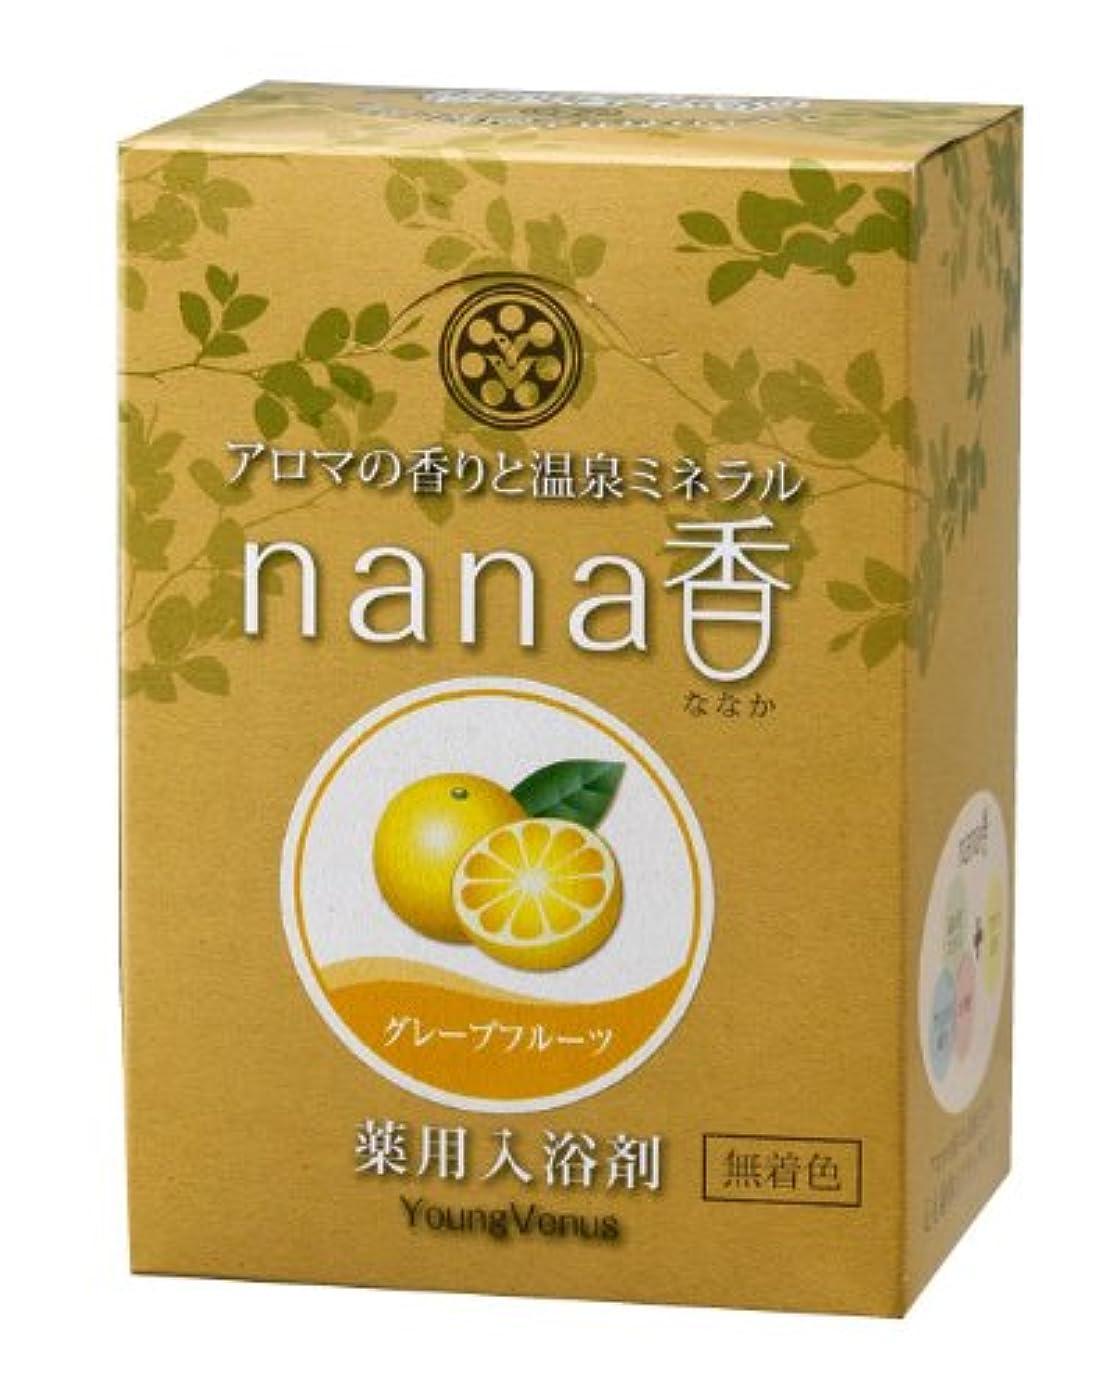 コンプライアンス常習者報奨金nana香 03グレープフルーツ 60g5袋入り